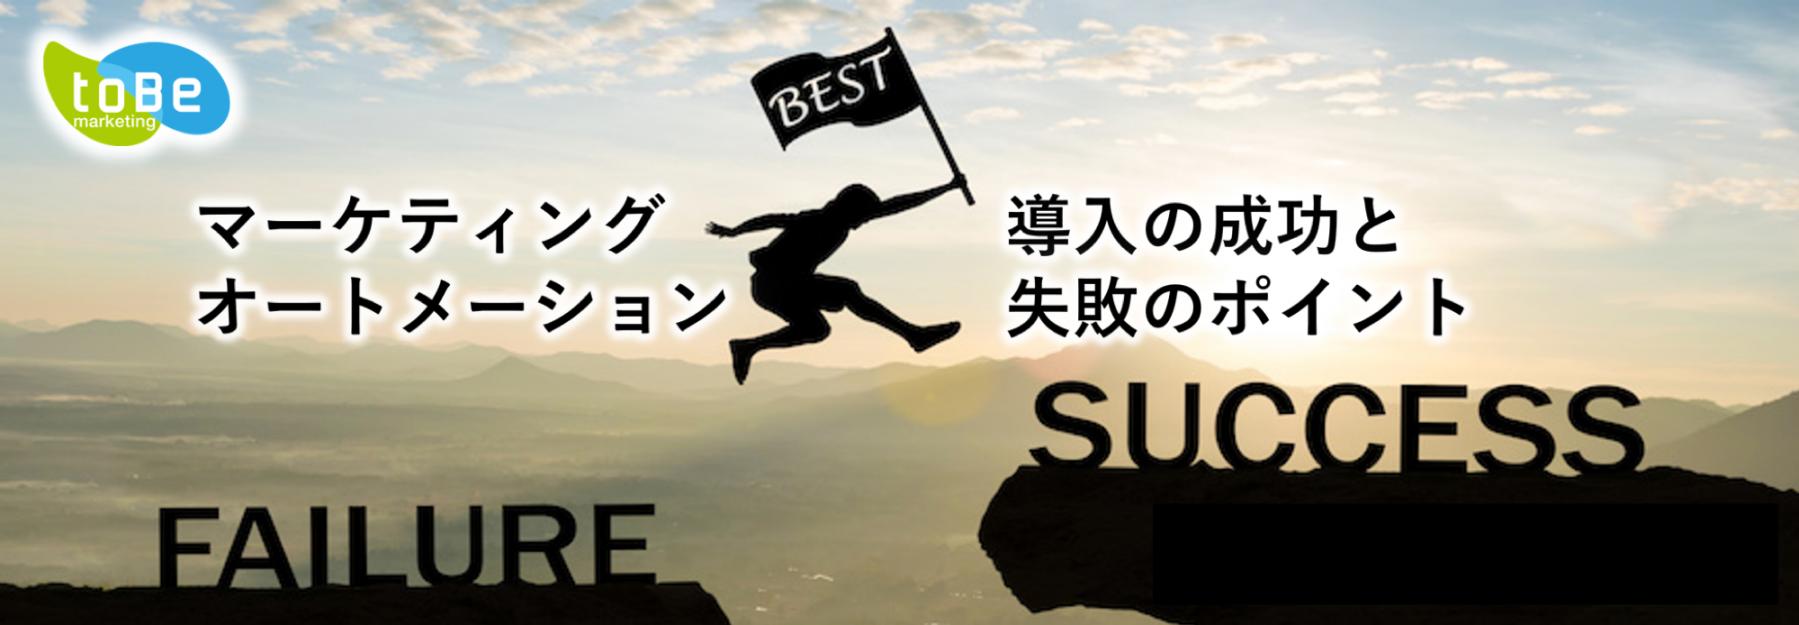 マーケティングオートメーション導入の成功と失敗のポイント~ @新橋